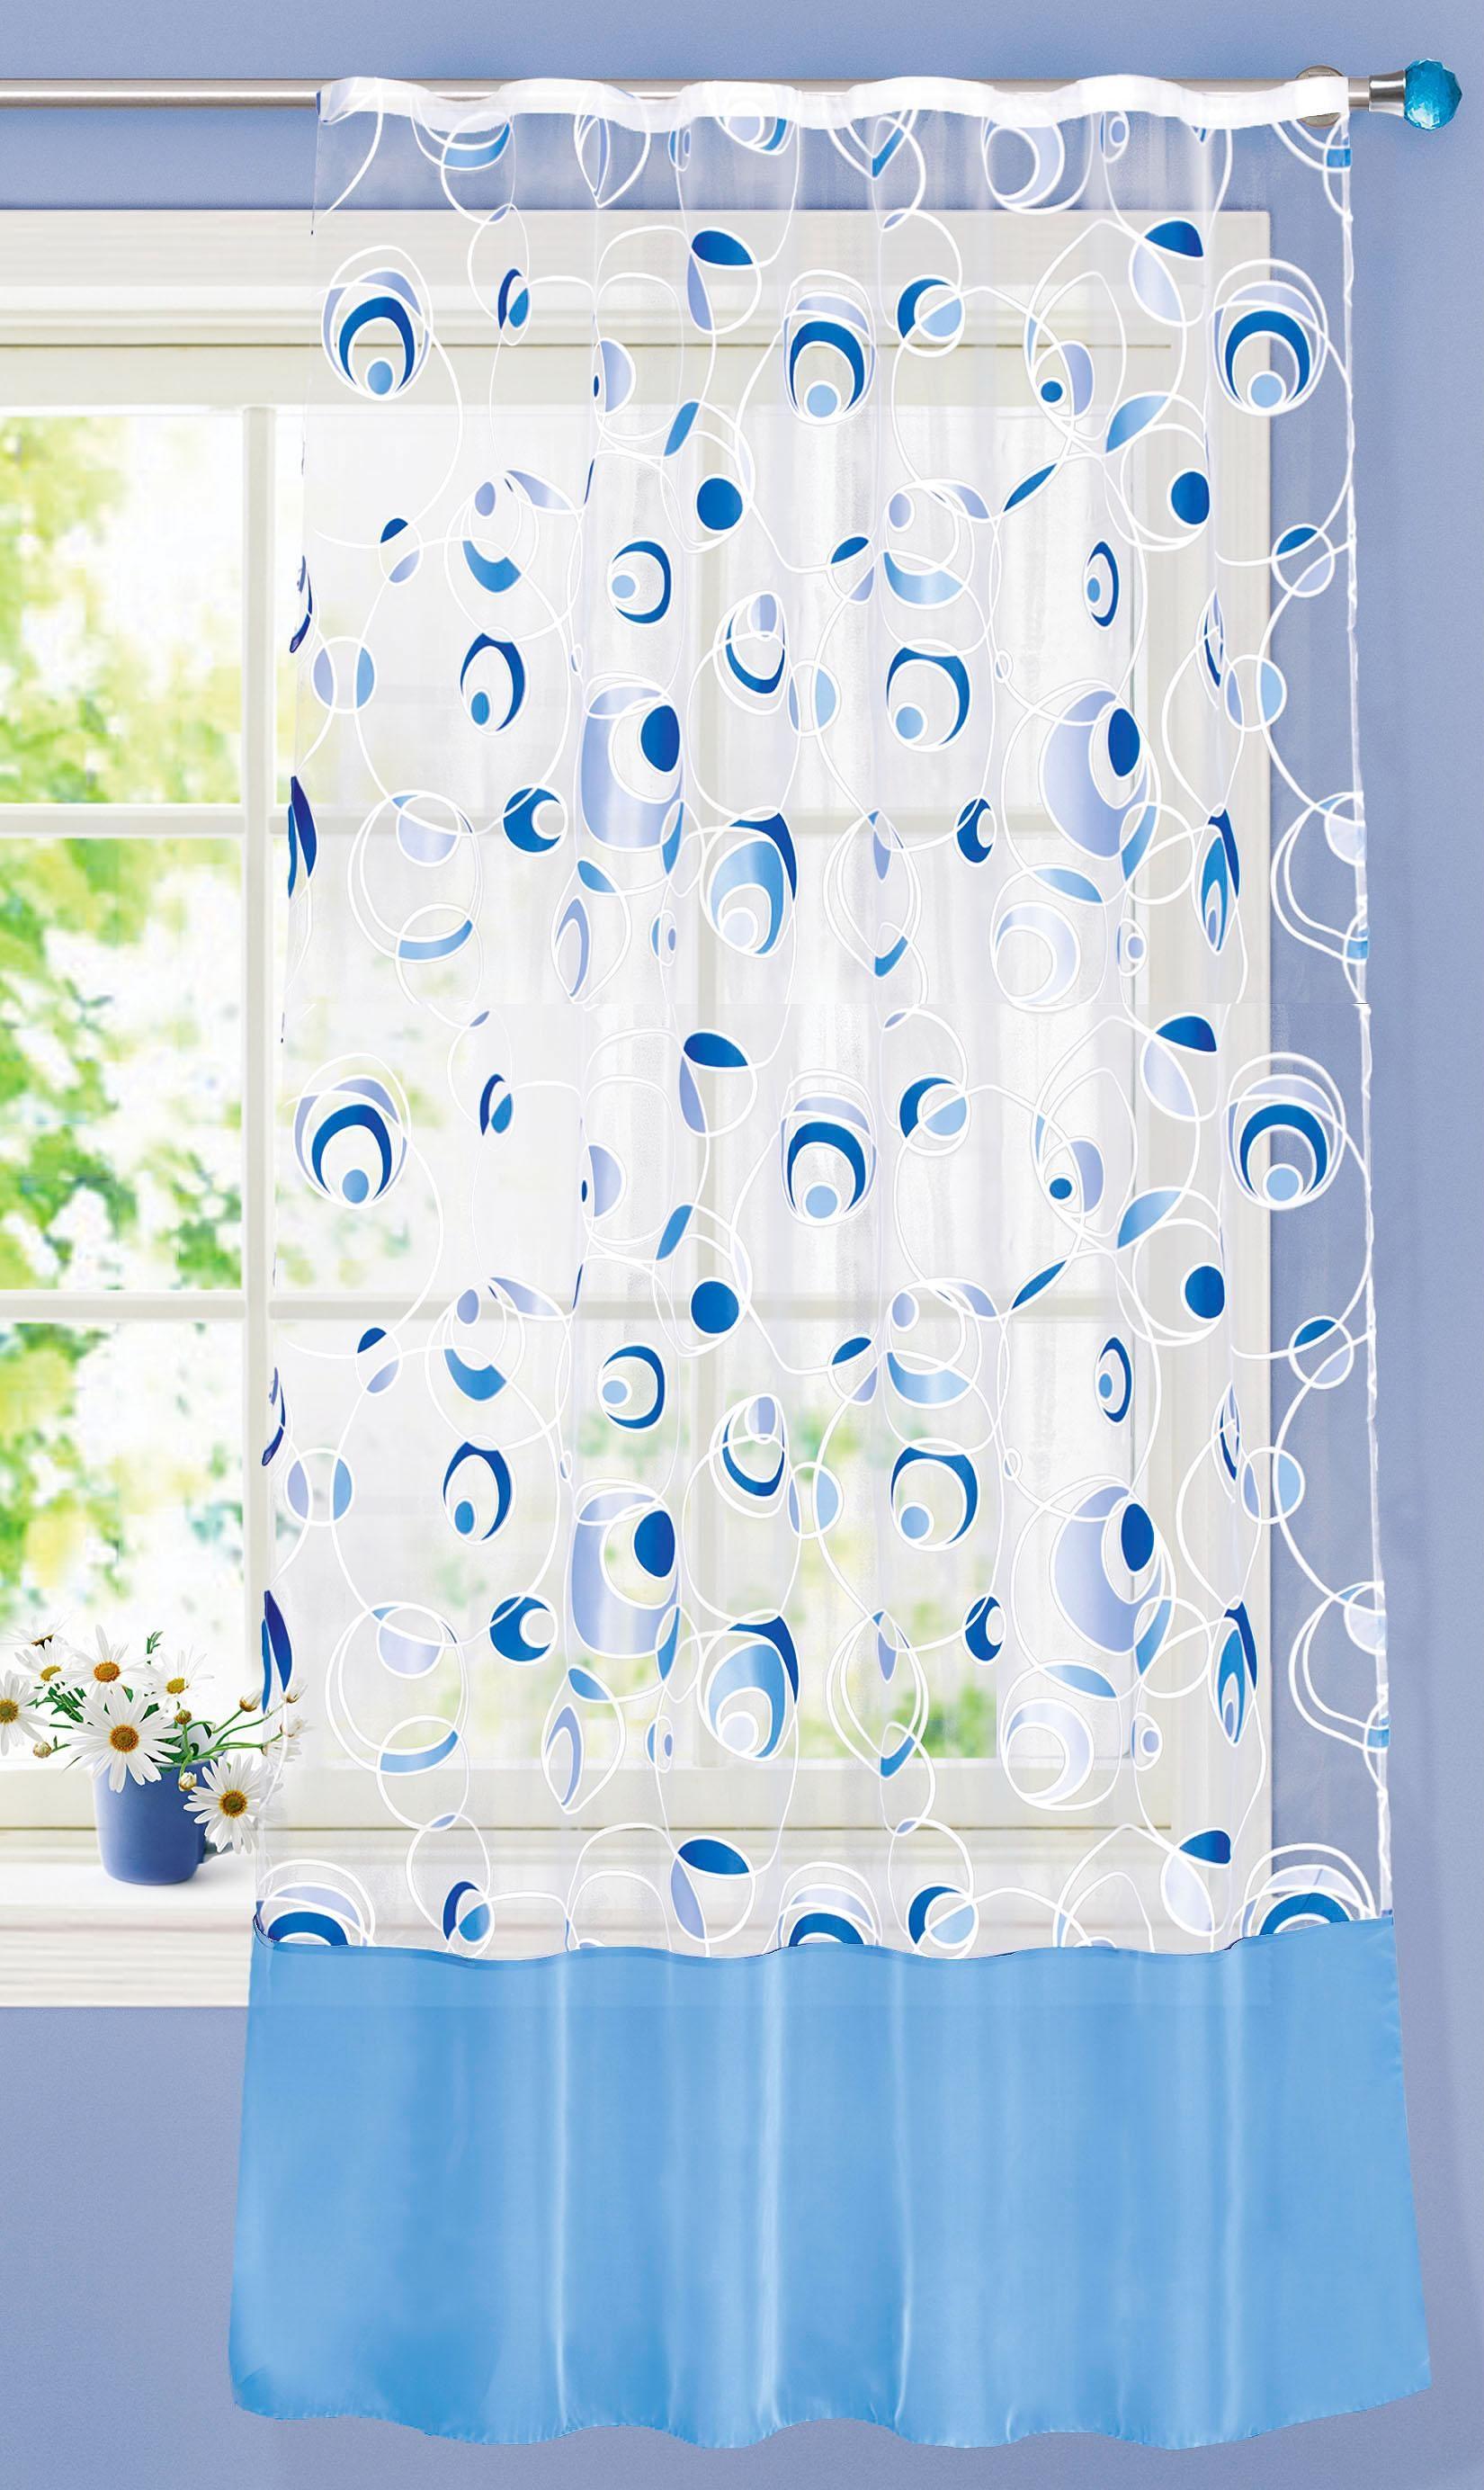 Шторы Garden Классические шторы Леденец Цвет: Голубой garden garden классические шторы букет цвет розовый голубой персиковый